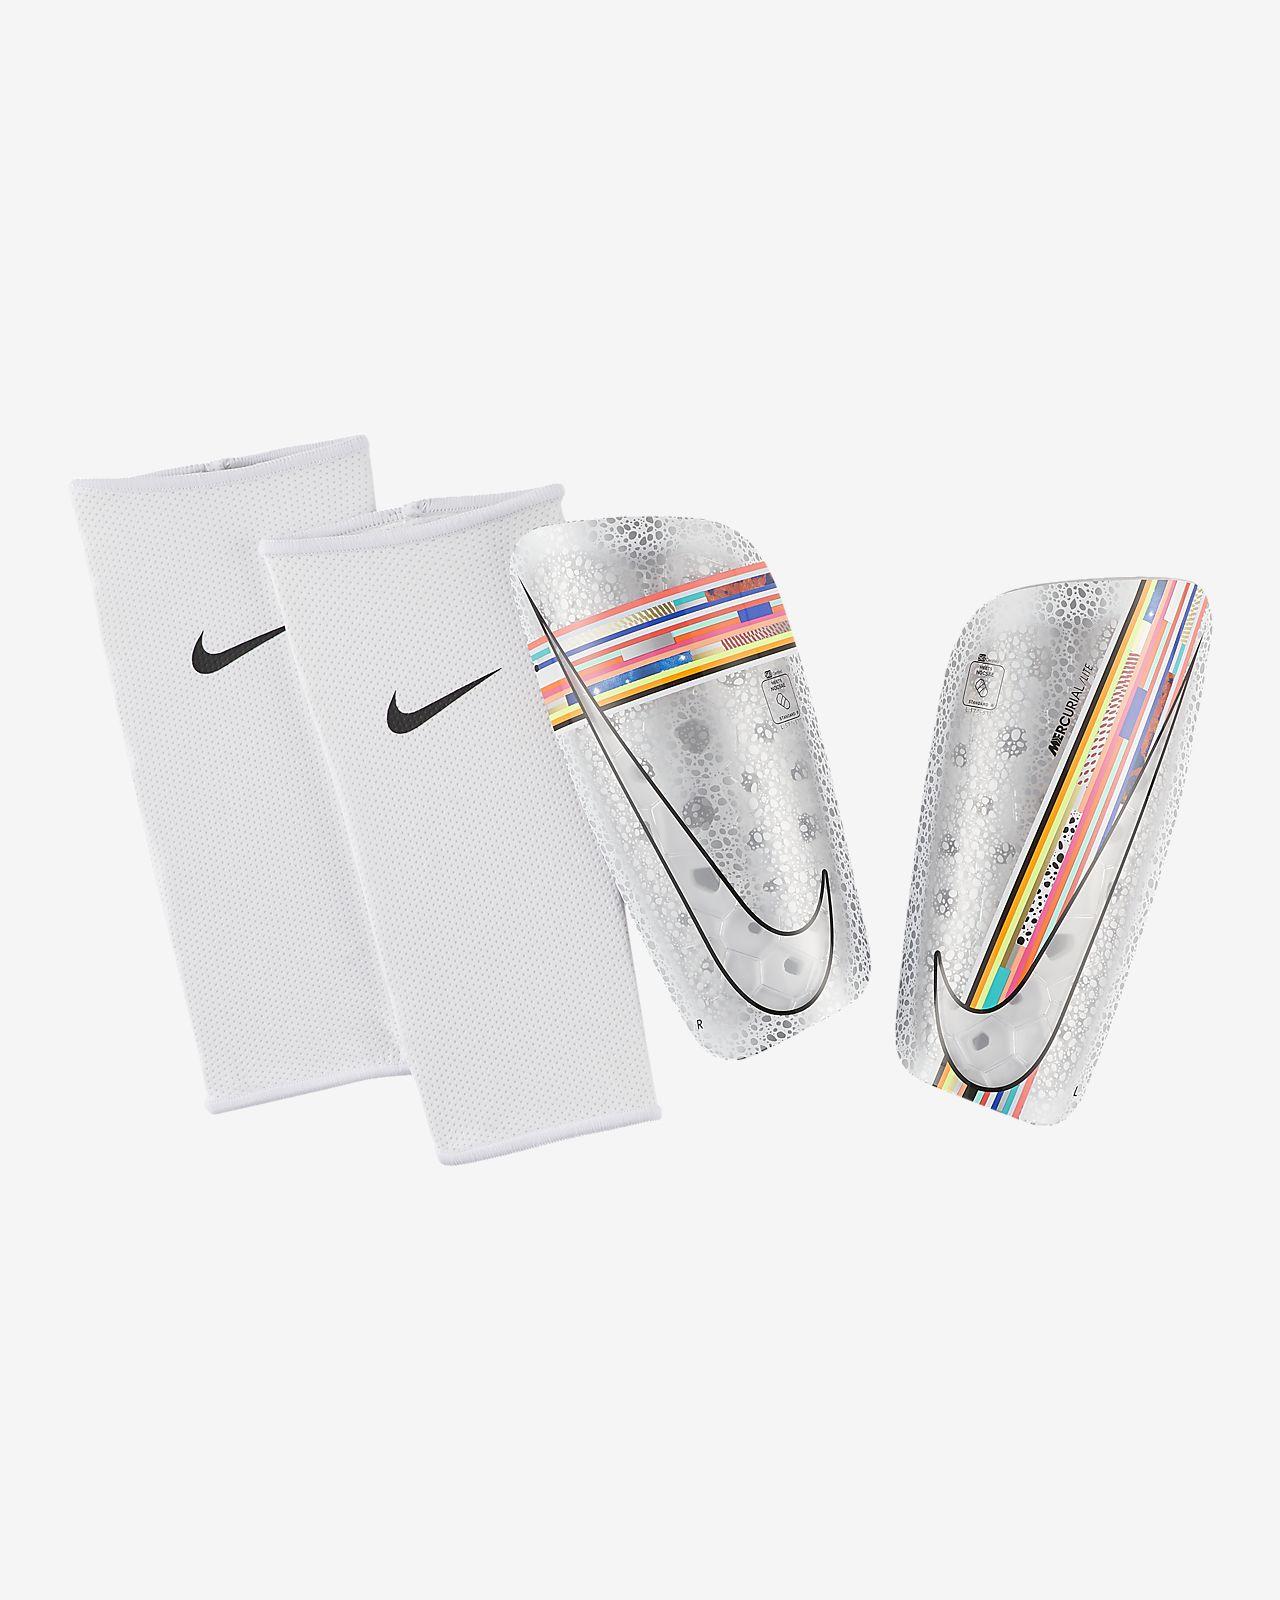 Nike Mercurial Lite futball-lábszárvédő